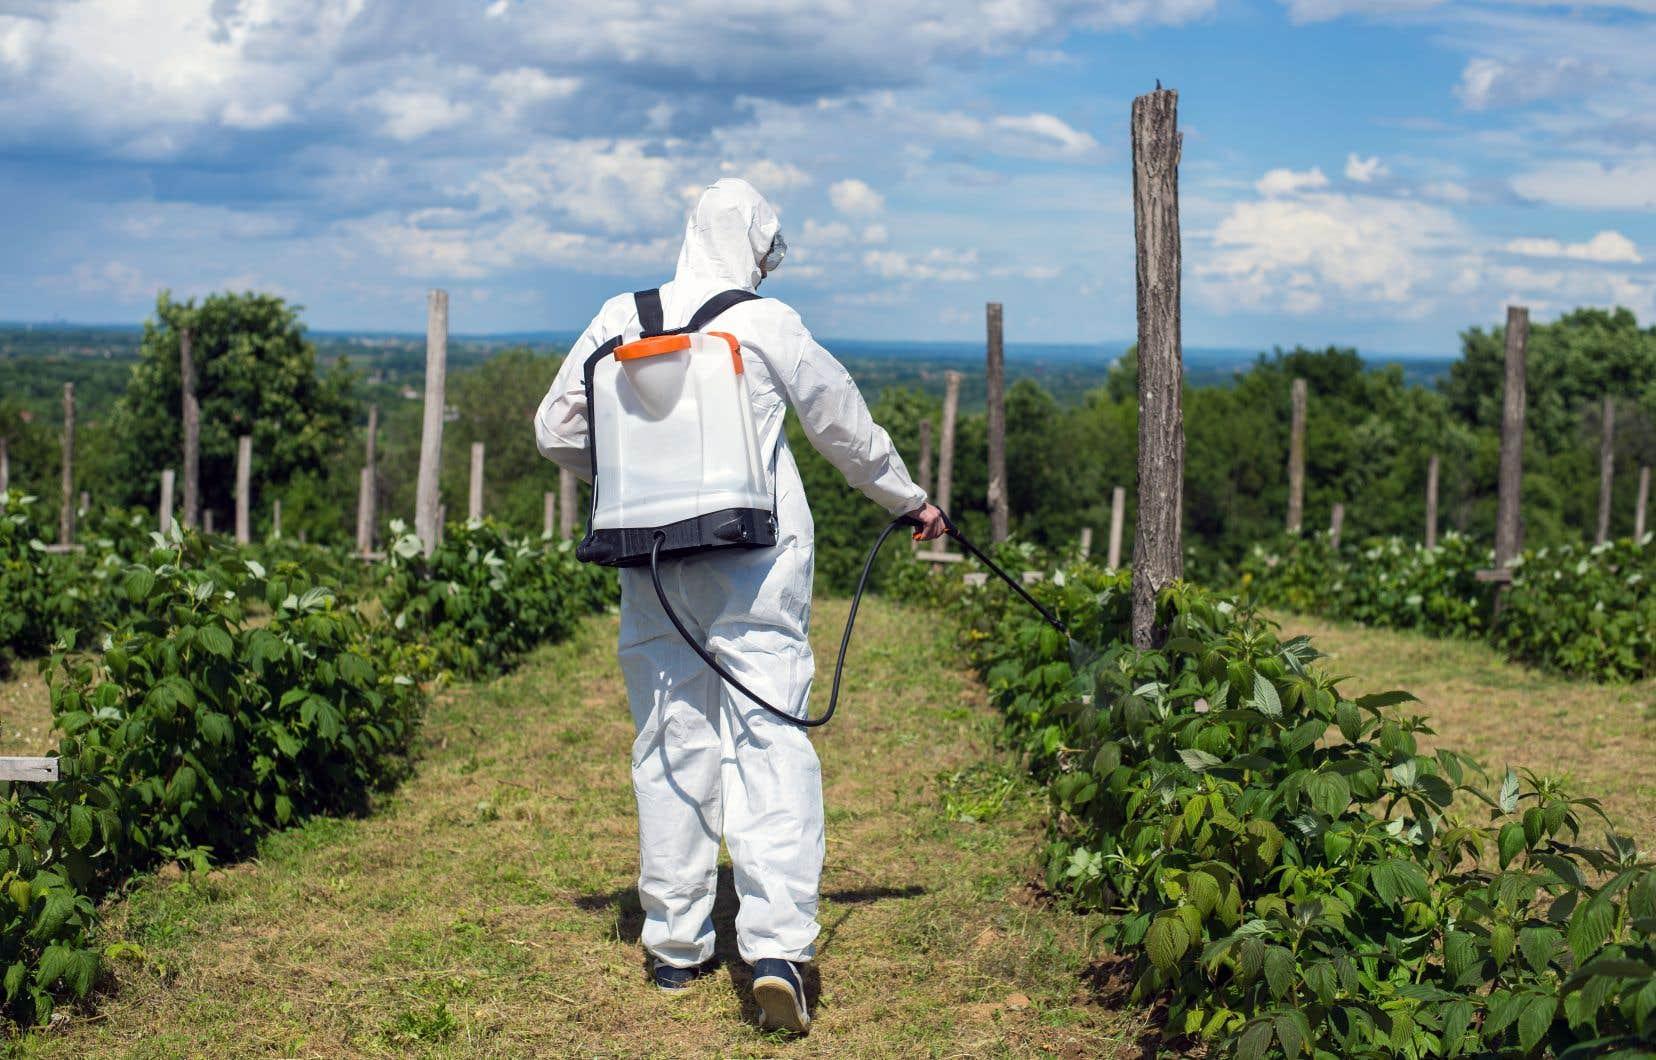 L'industrie des pesticides a réussi jusqu'ici à contrer les efforts pour les interdire.